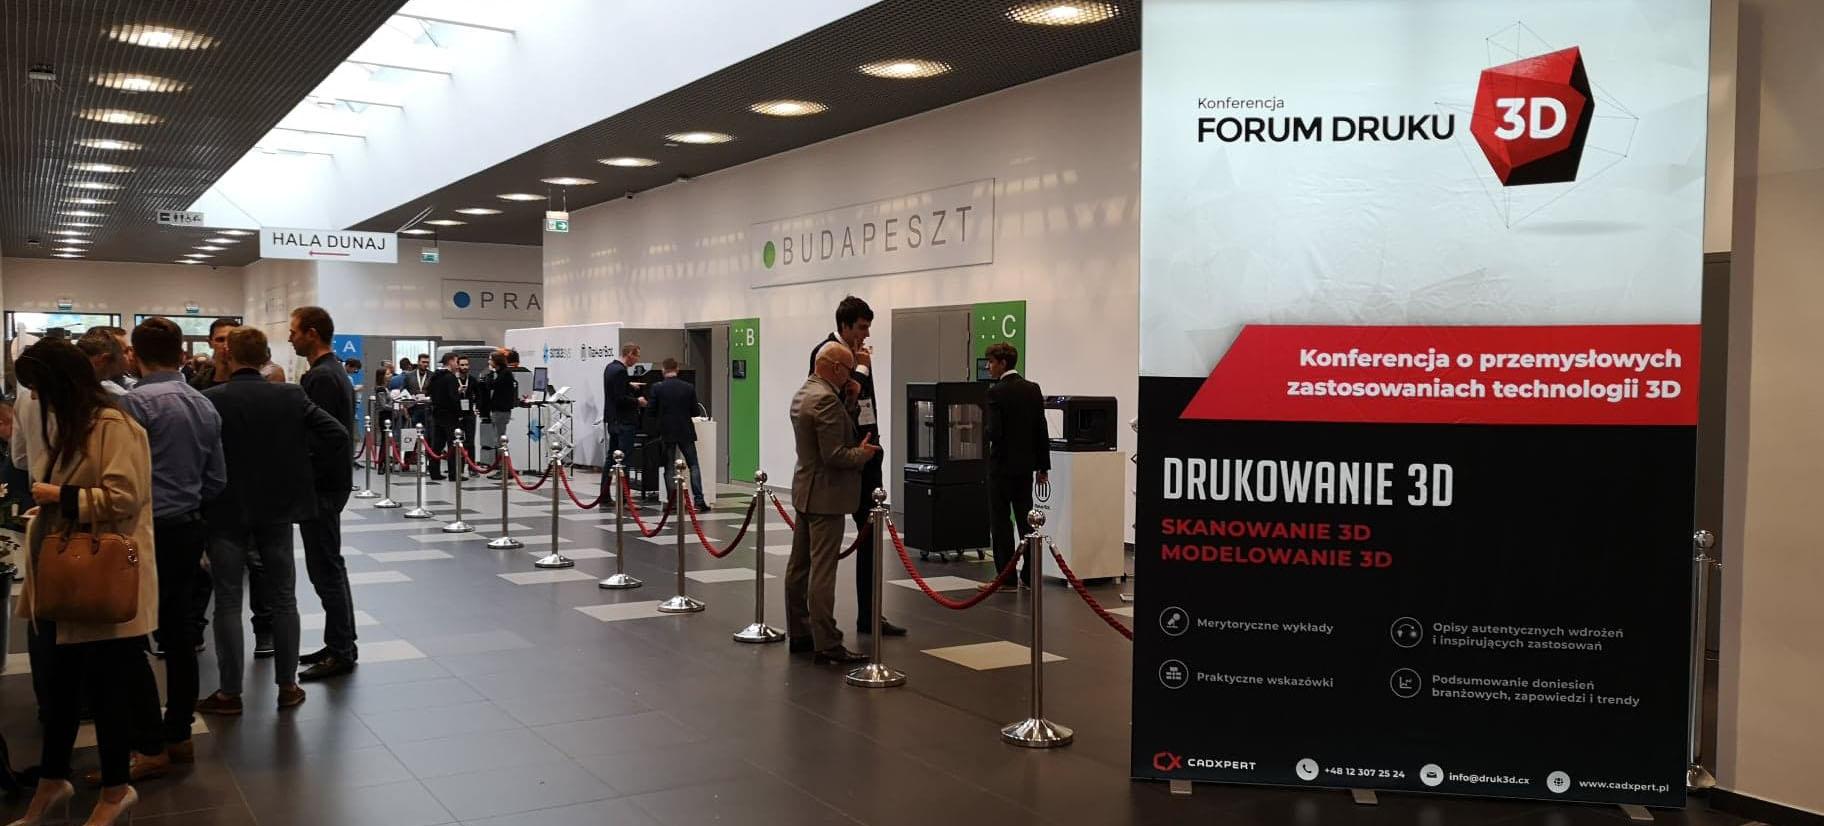 Podsumowanie IV Konferencji Forum Druku 3D